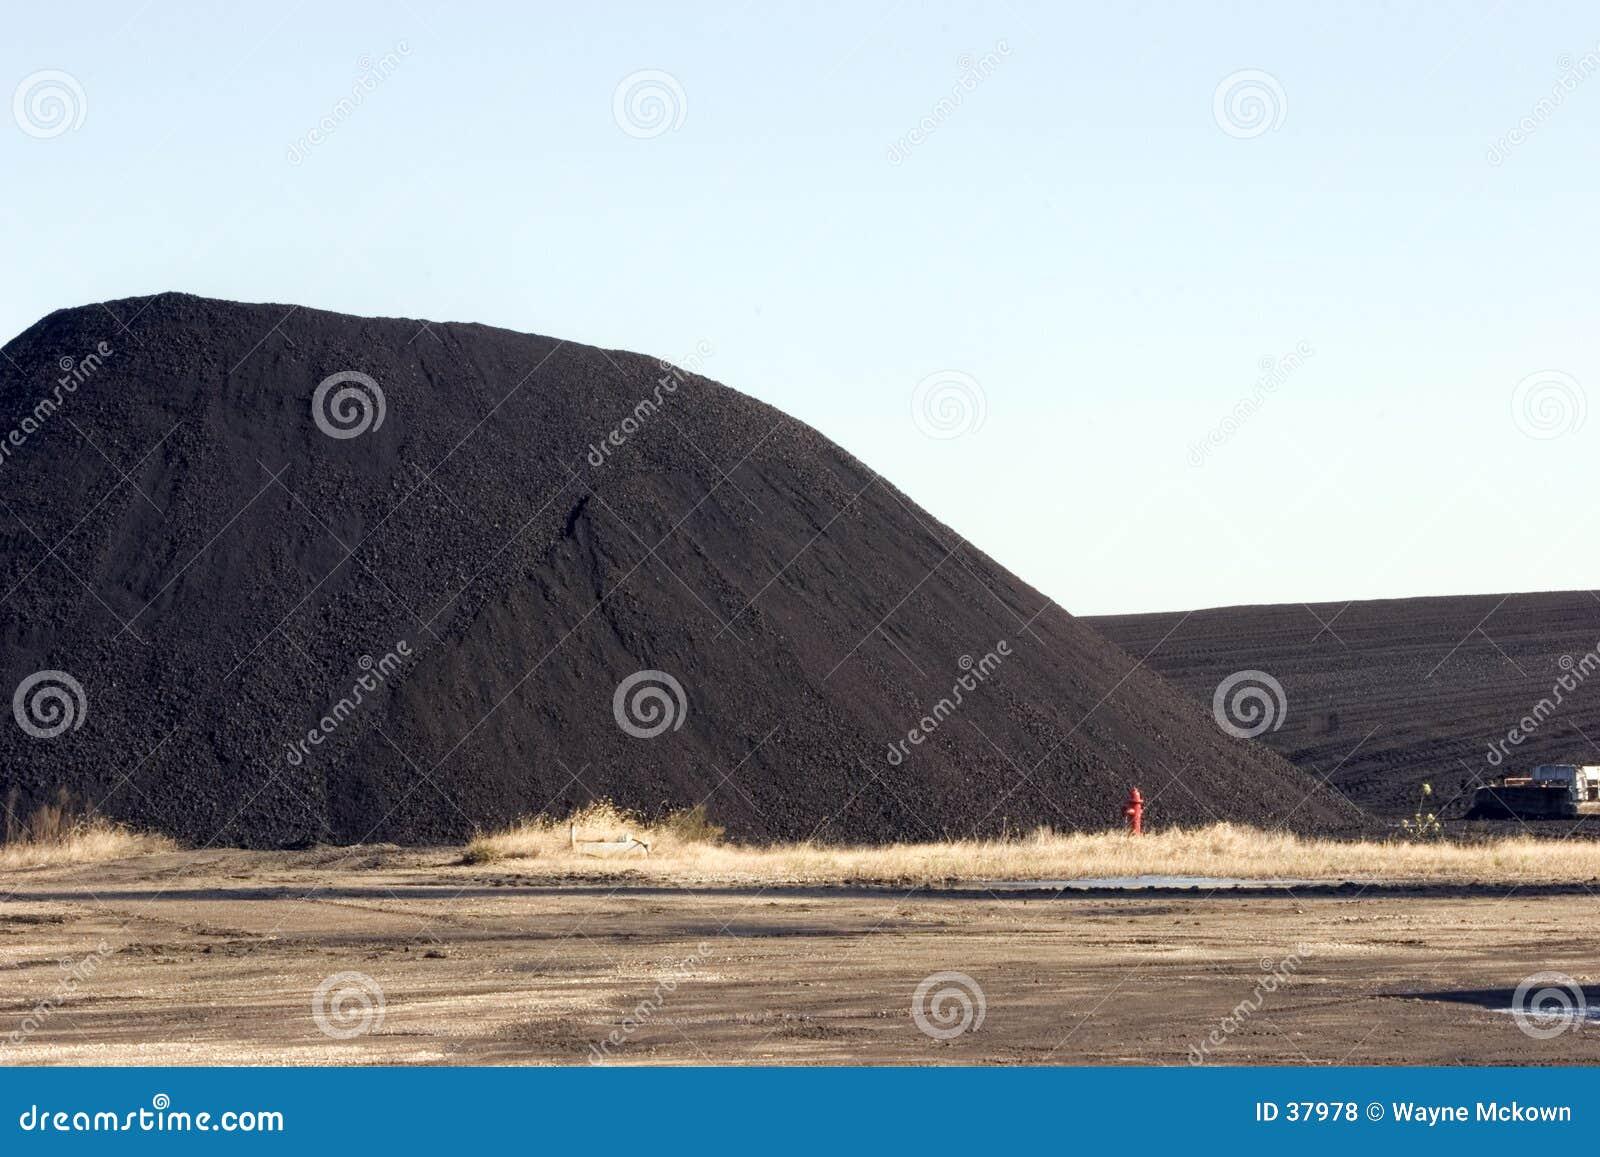 Pilha de carvão para a central energética